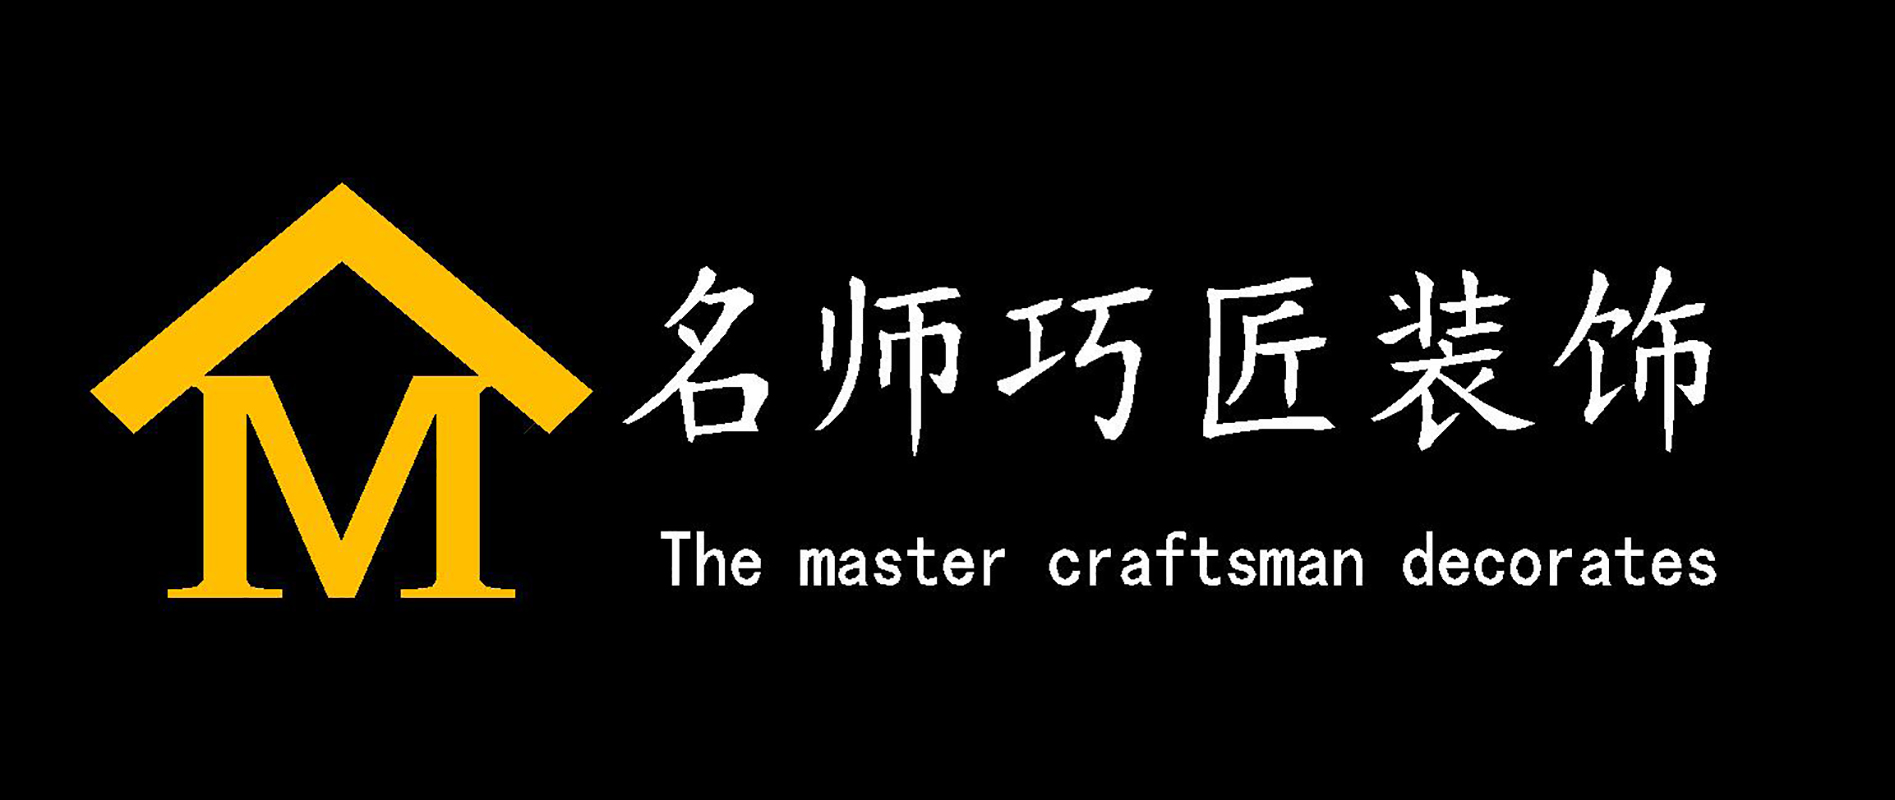 贵州名师巧匠建筑装饰工程有限公司